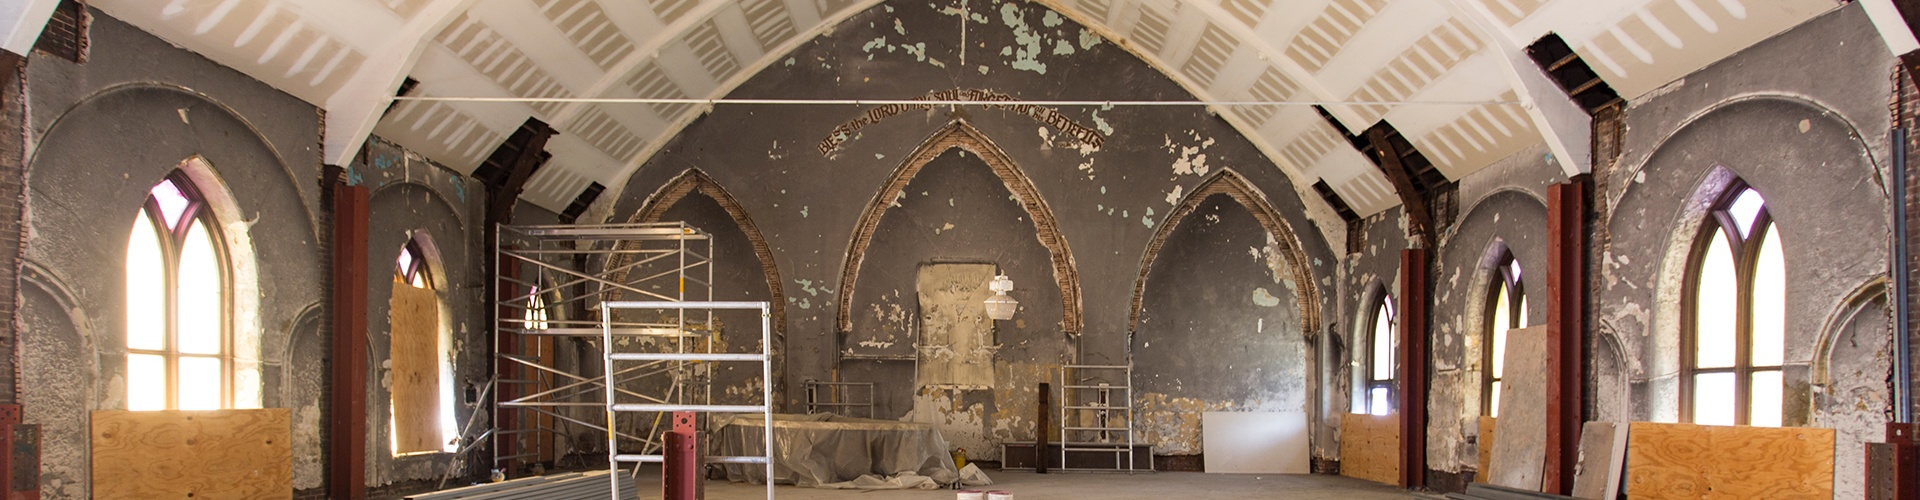 Inside the Renovation: Mercer Street Church